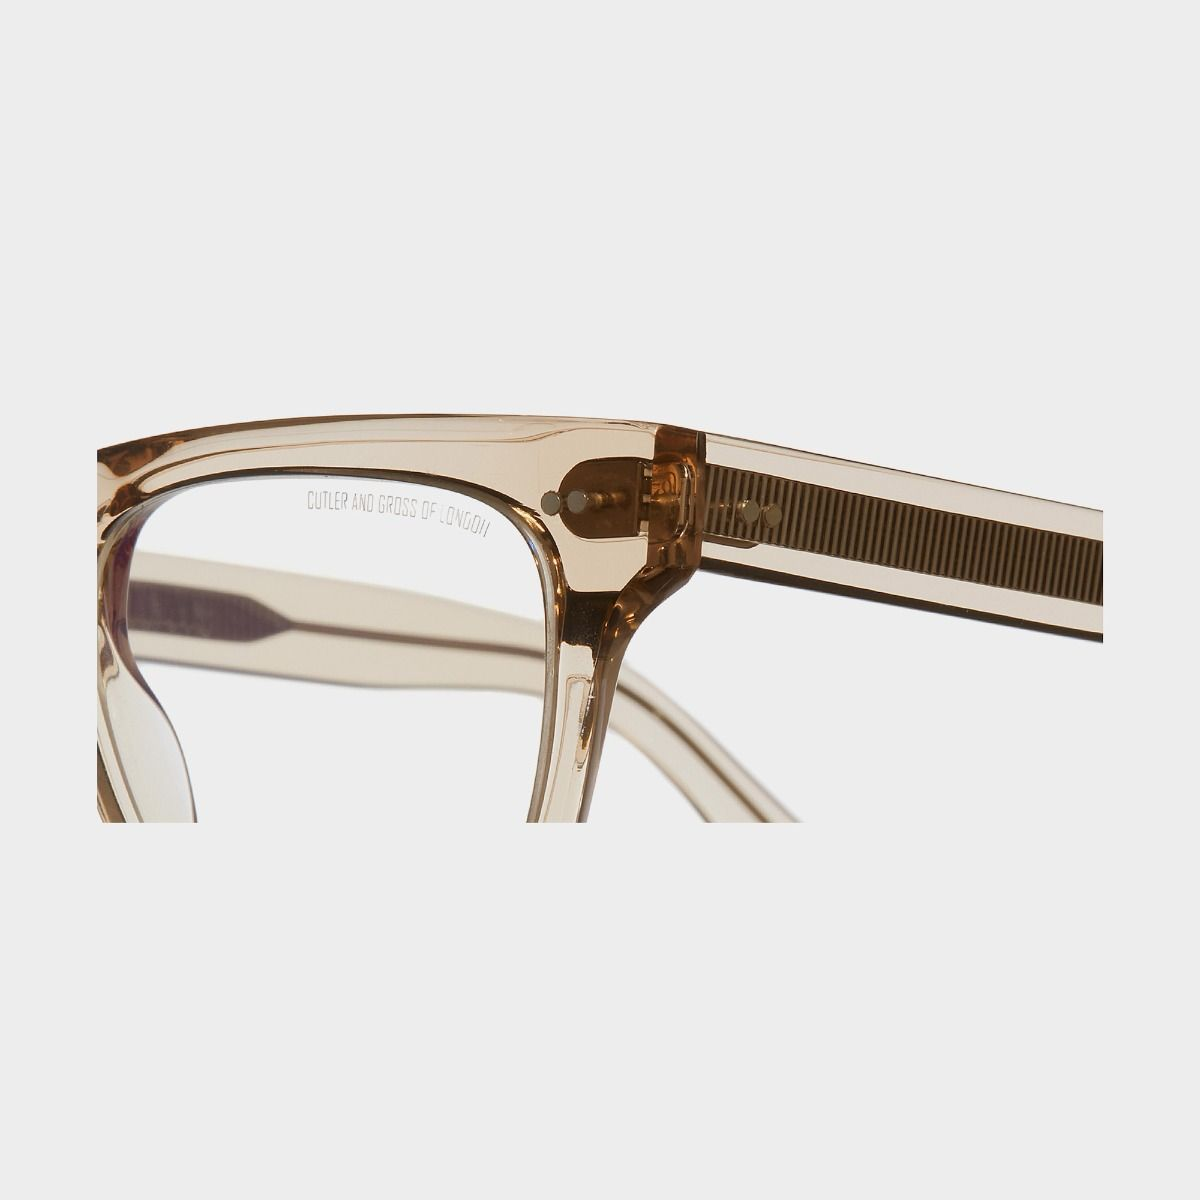 1381 Optical Square Glasses-Granny Chic